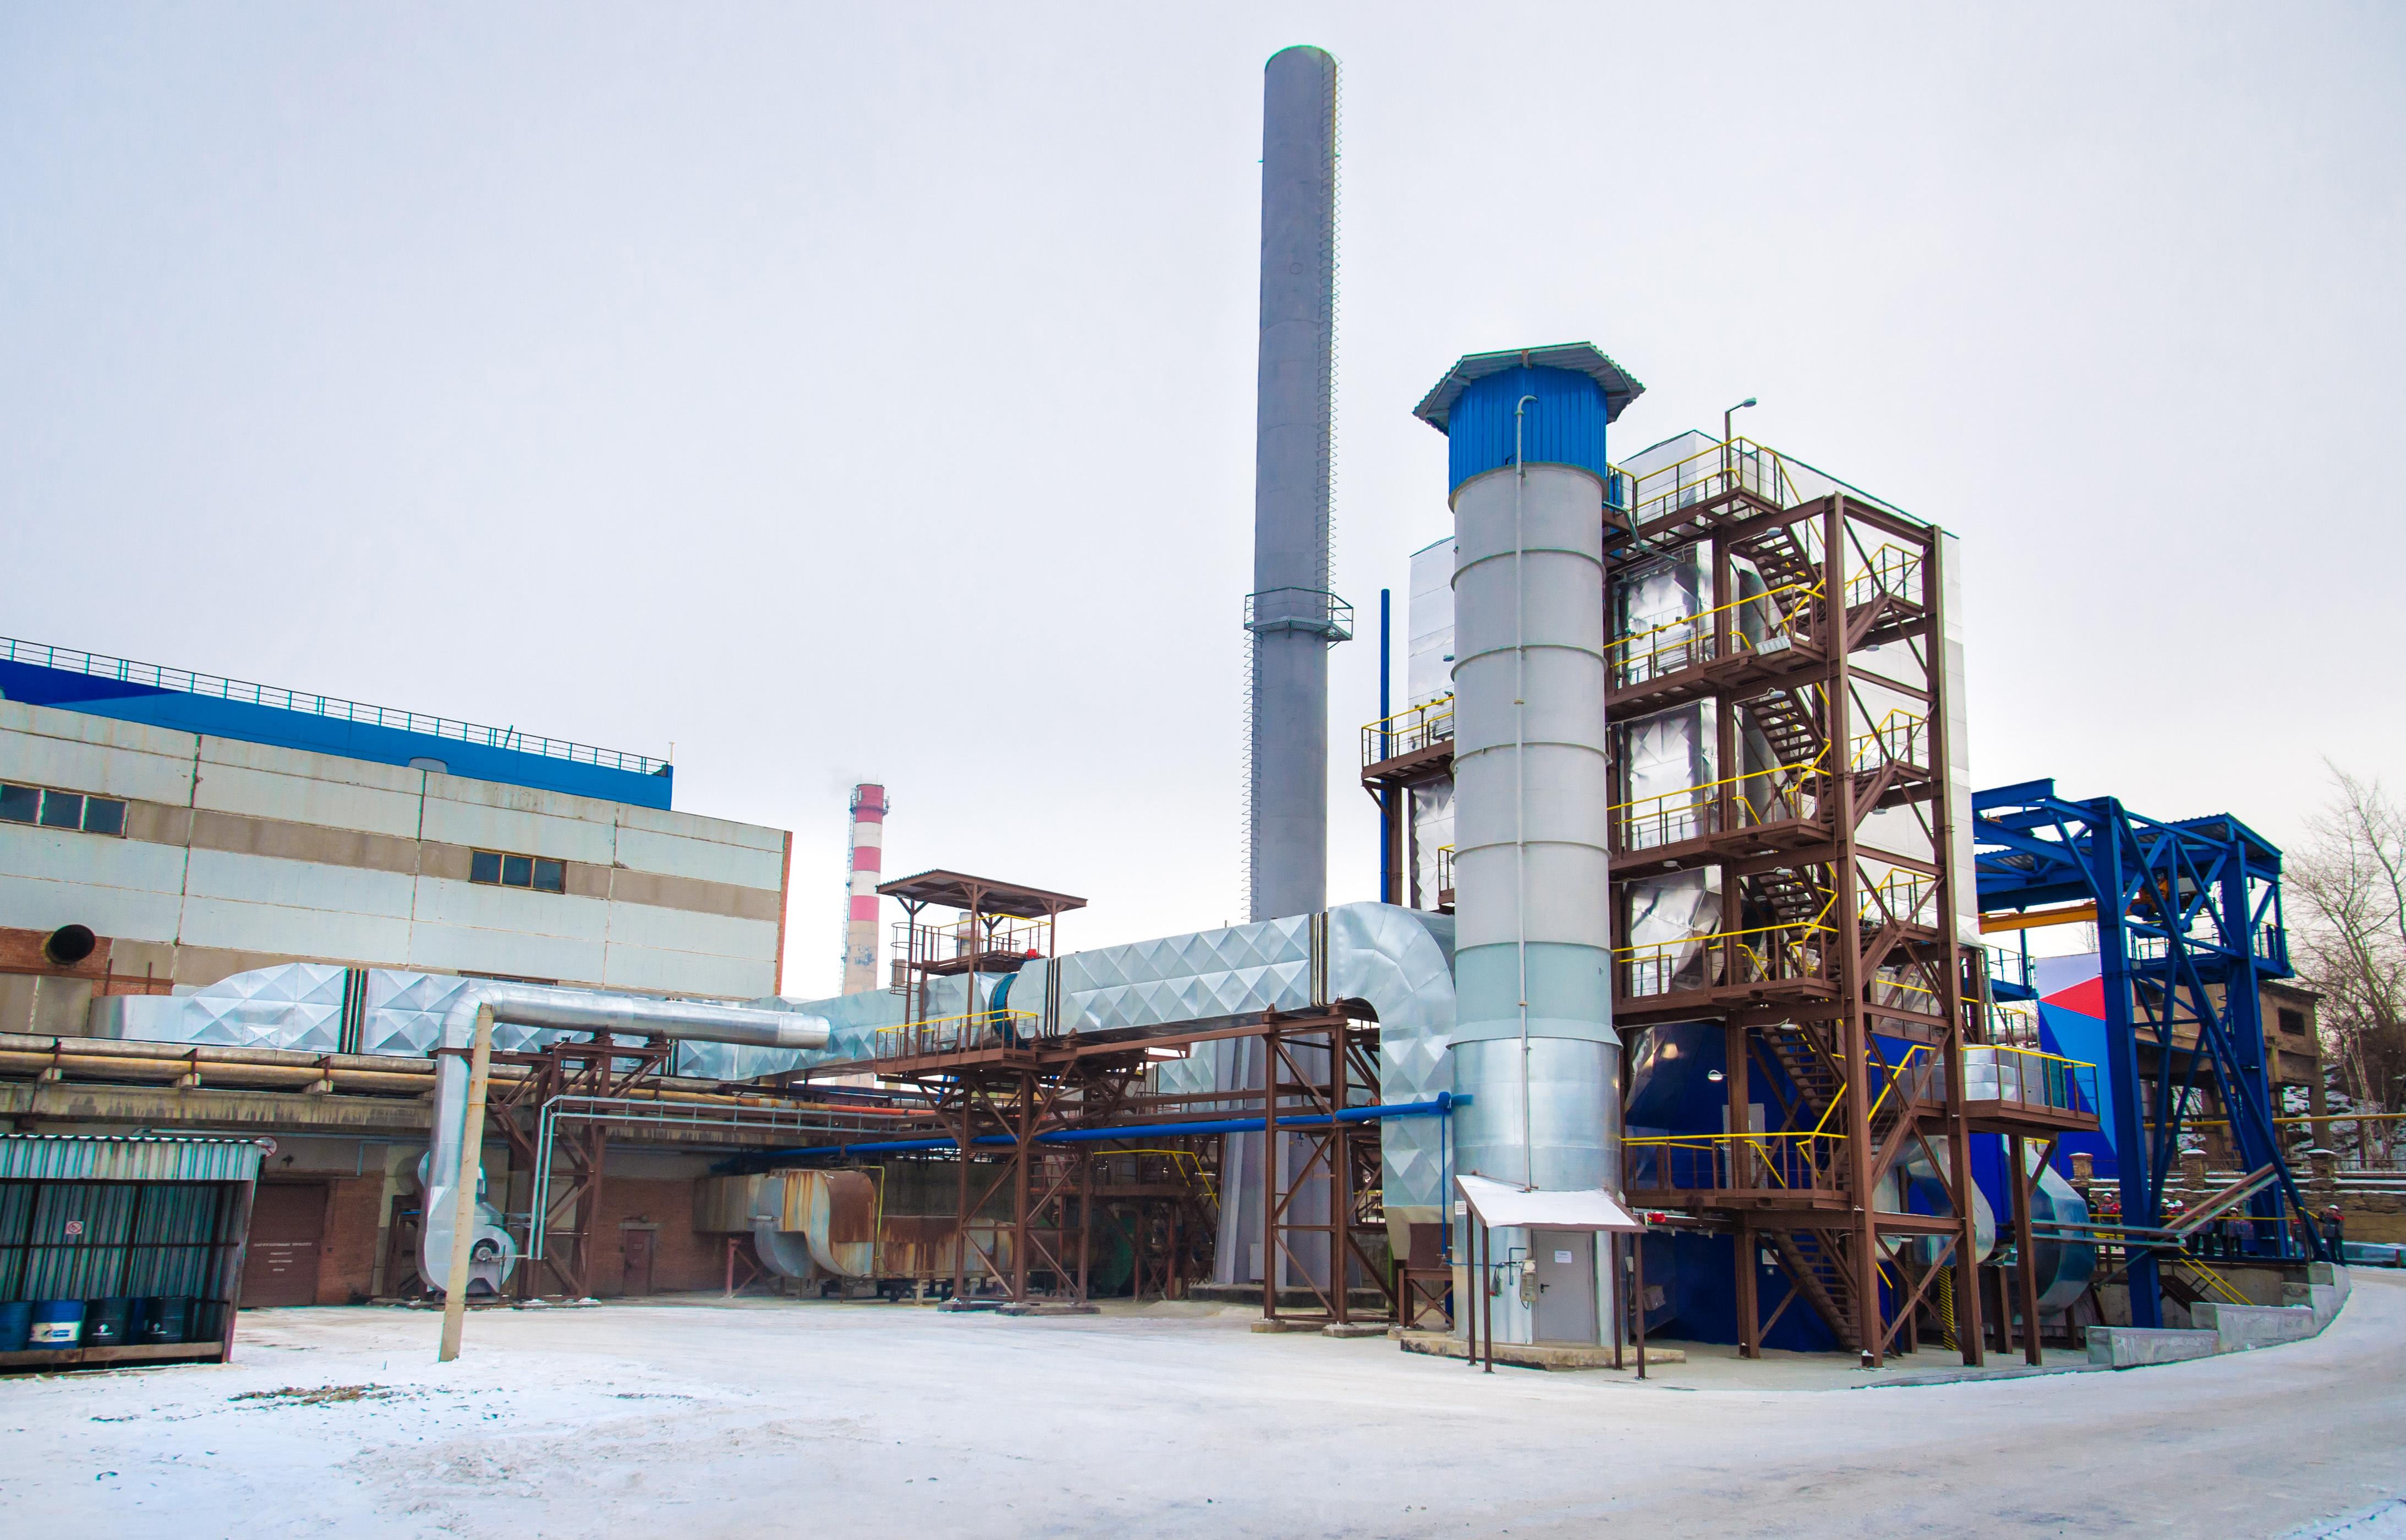 Современный газоочистной комплекс медеплавильной печи - рукавный фильтр LÜHR (Германия) - введен